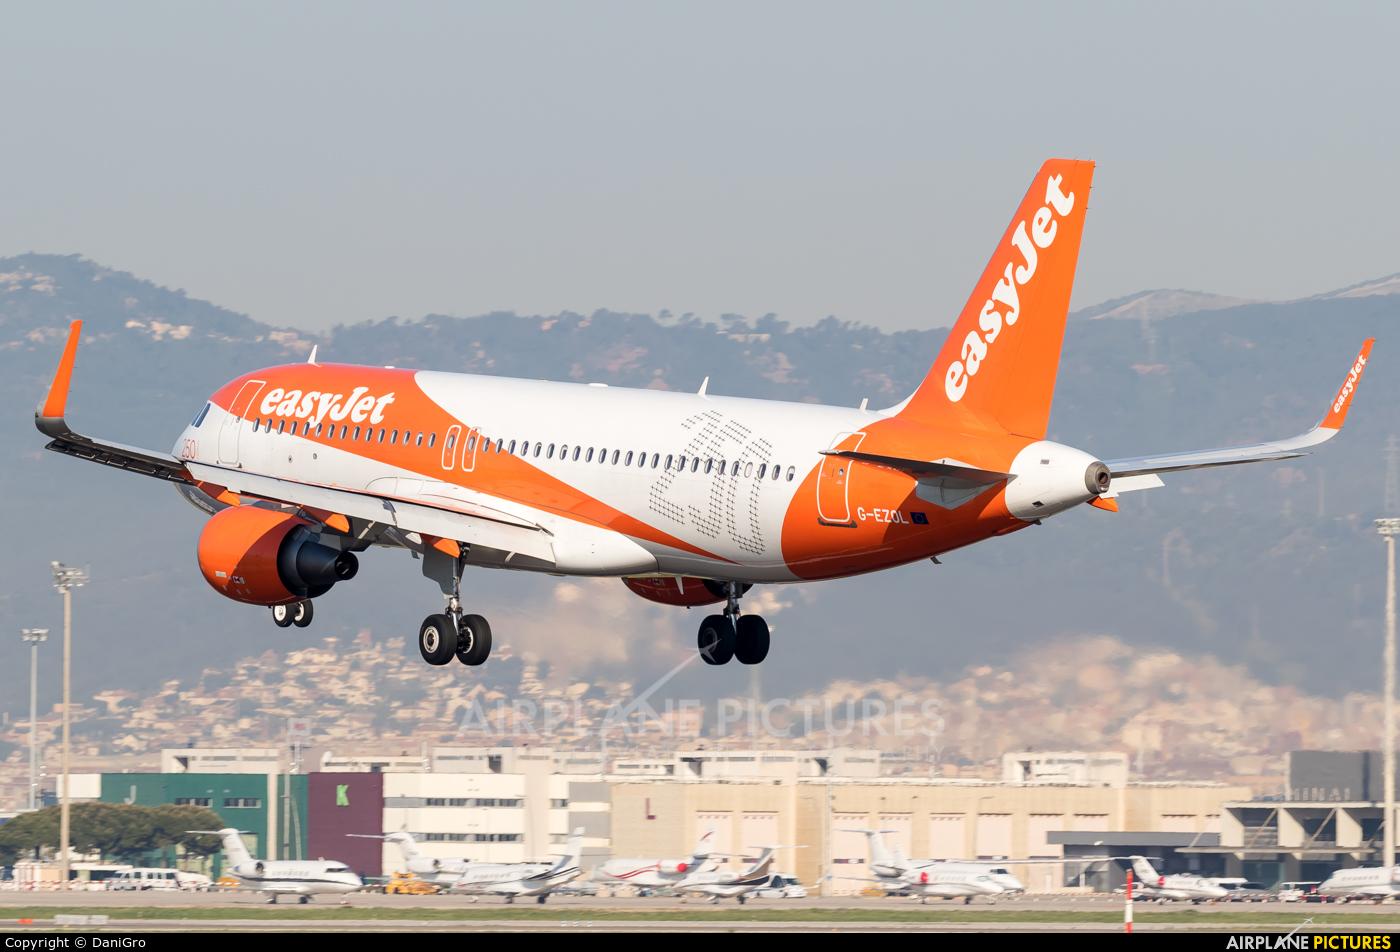 easyJet G-EZOL aircraft at Barcelona - El Prat